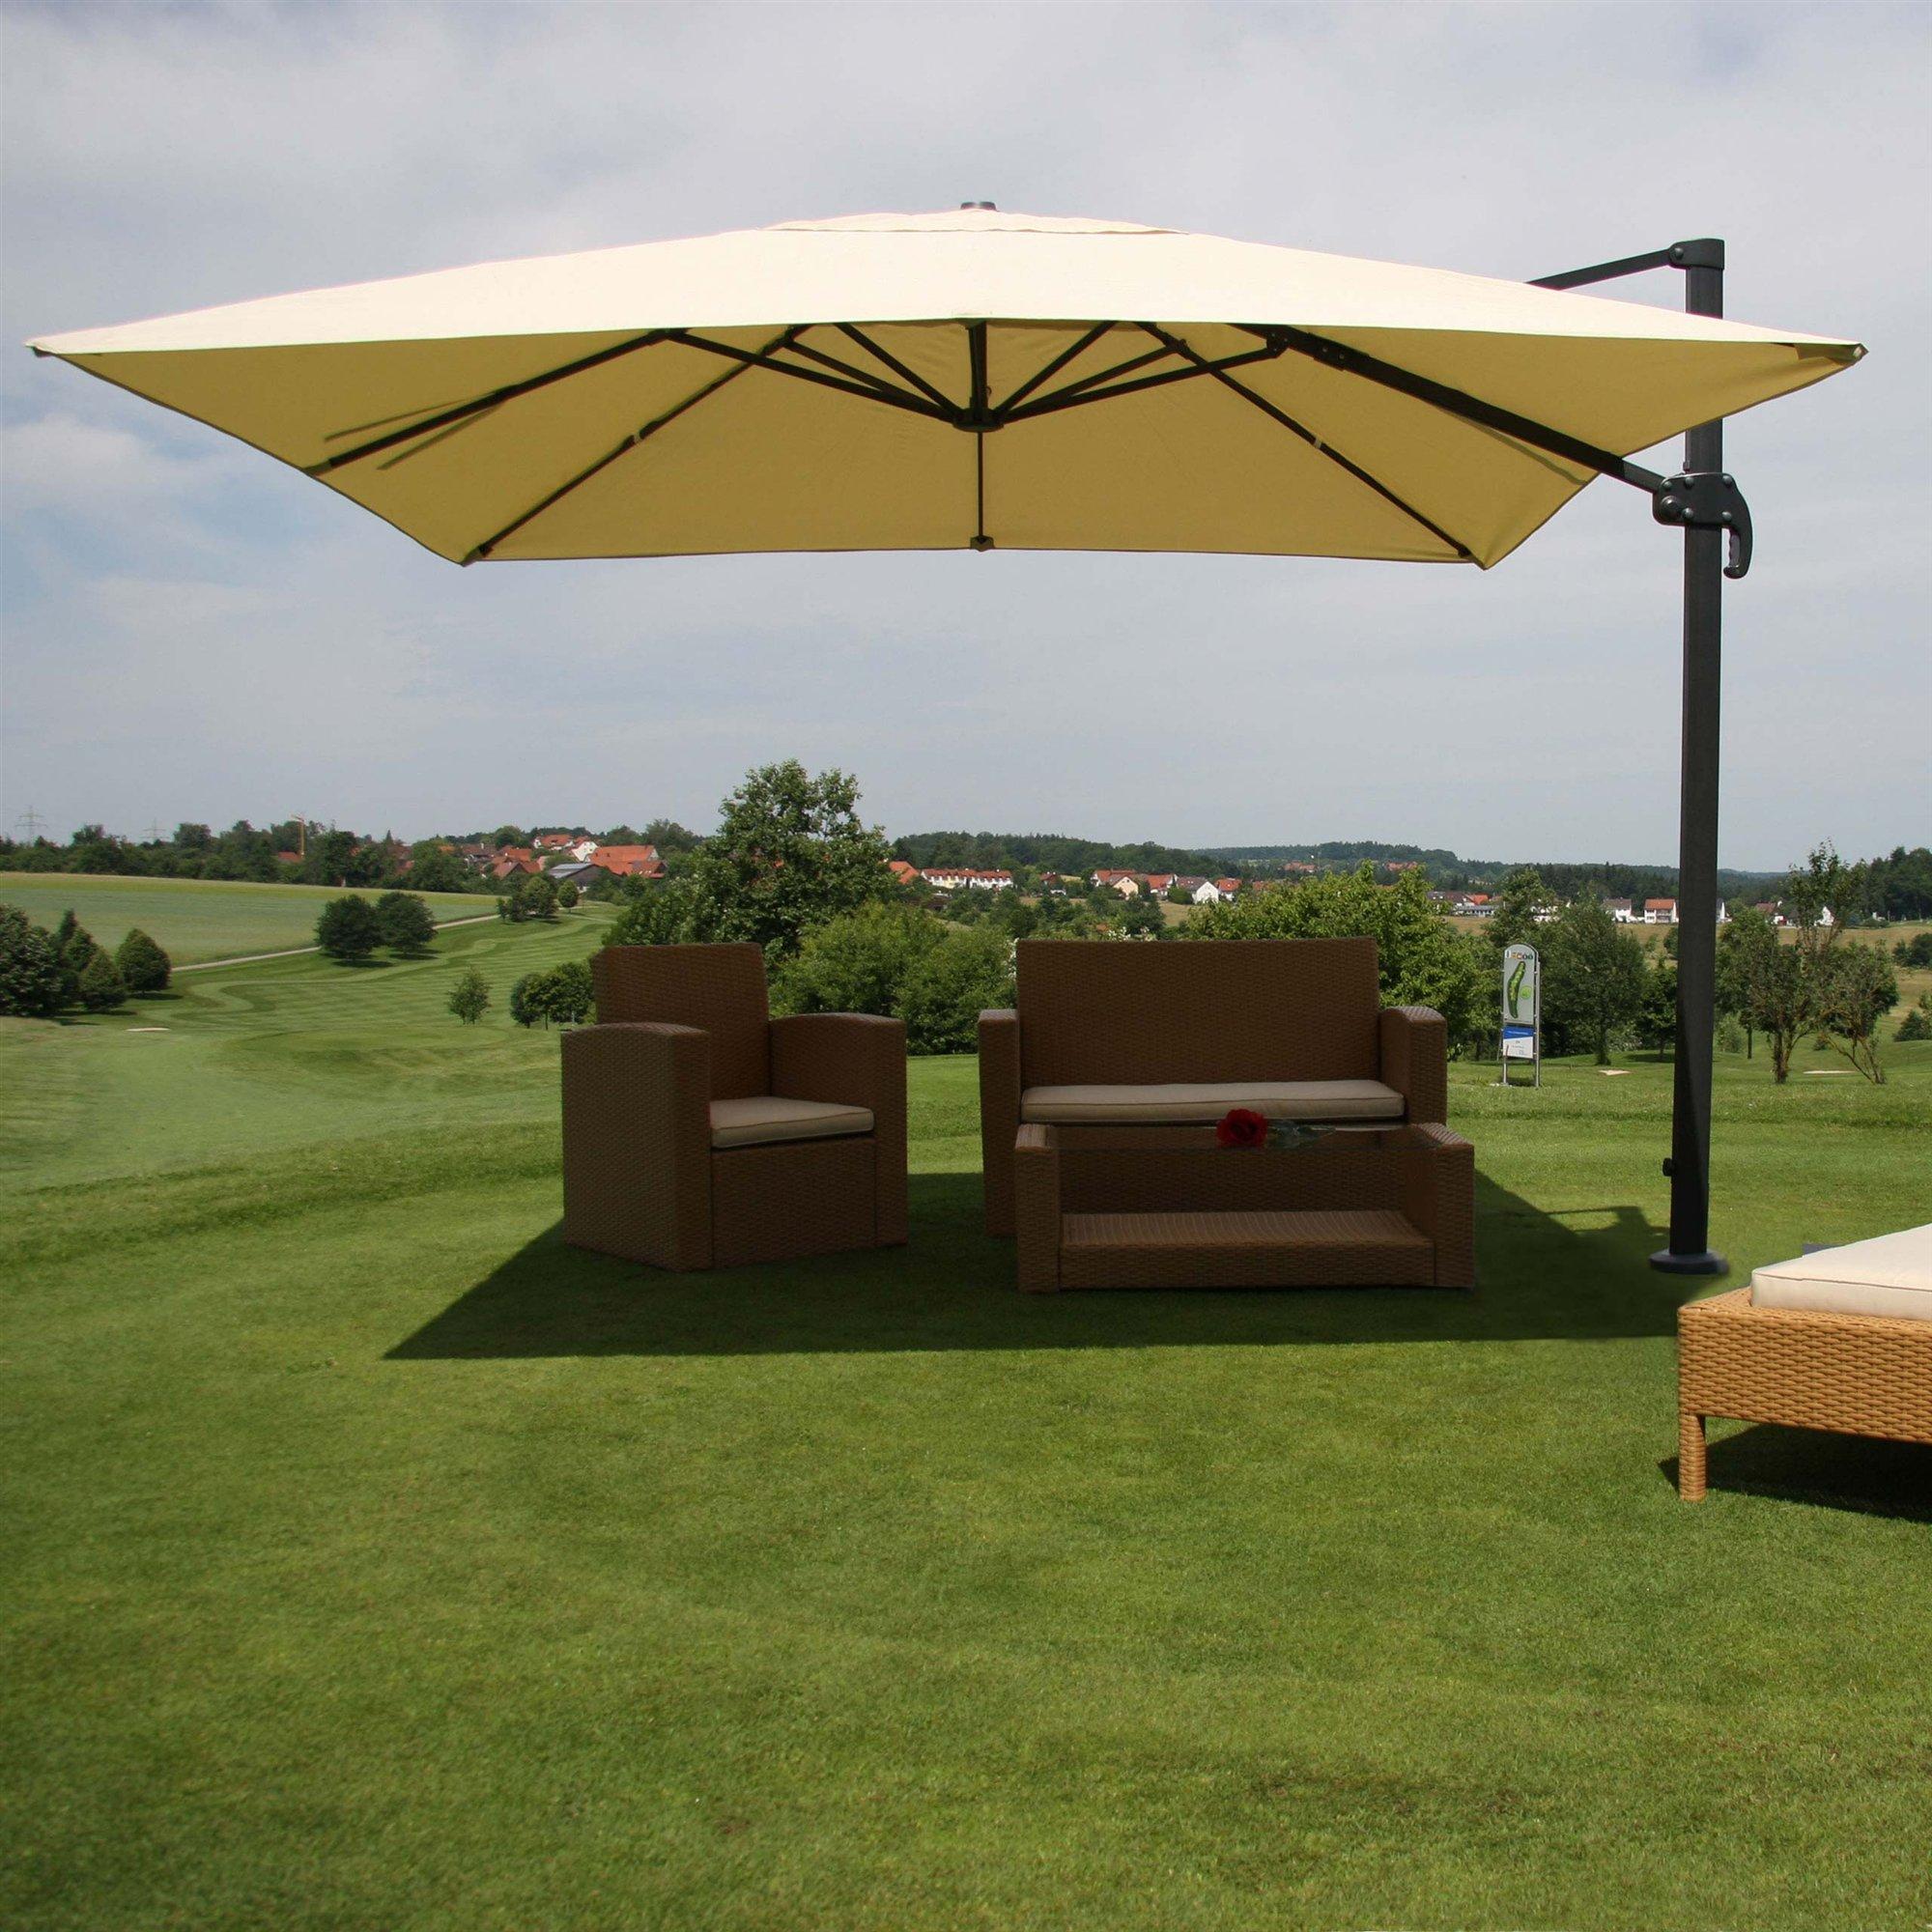 La importancia de una buena sombrilla con protecci n solar - Sombrilla de terraza ...